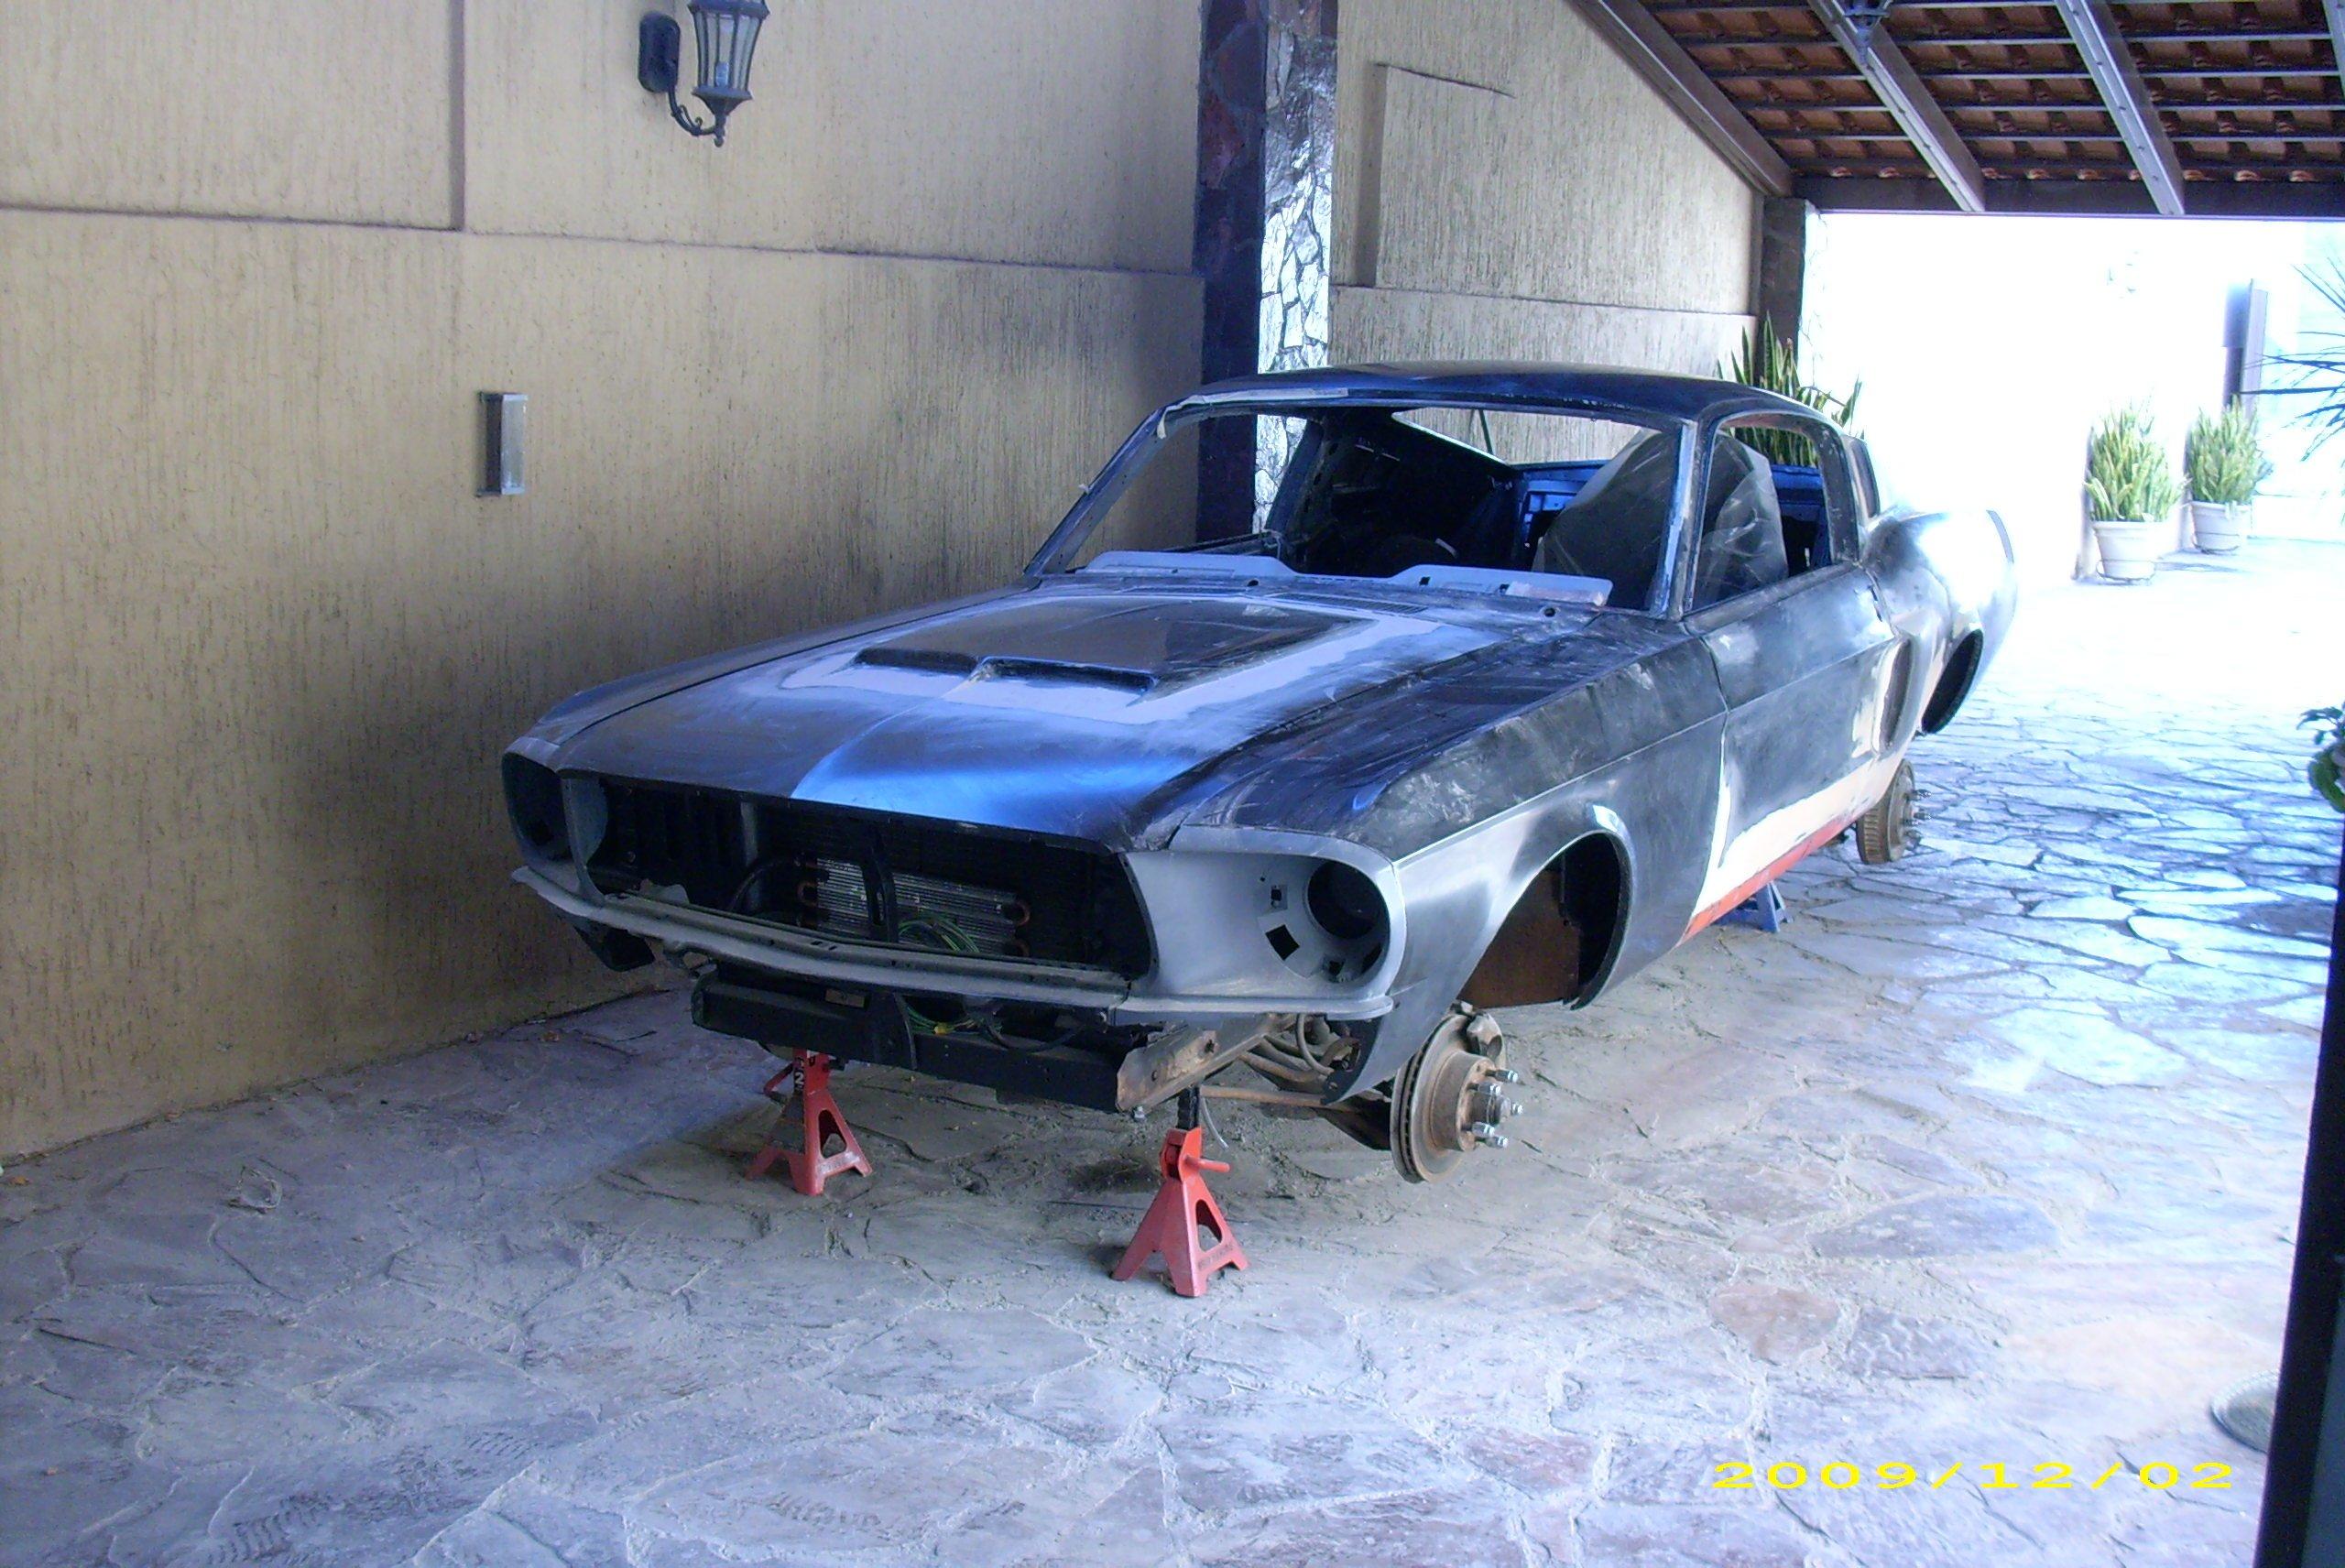 Mustang Hood Scoop >> hood scoop on my 67 mustang - Ford Mustang Forum